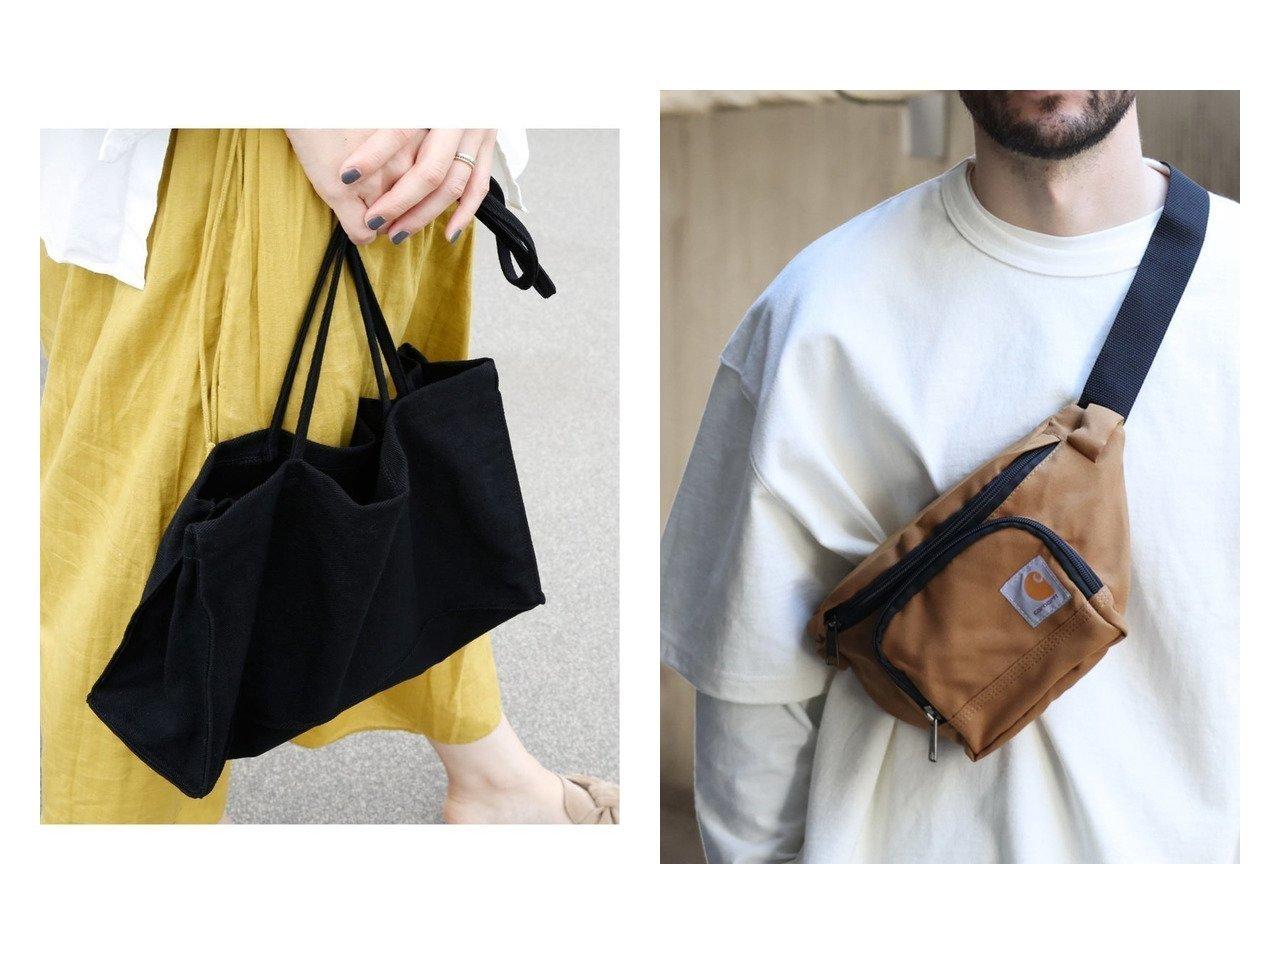 【Carhartt/カーハート】のCARHARTT-WAIST PACK&【collecala/コレカラ】のスクエアコットンショルダーバッグ おすすめ!人気、トレンド・レディースファッションの通販 おすすめで人気の流行・トレンド、ファッションの通販商品 インテリア・家具・メンズファッション・キッズファッション・レディースファッション・服の通販 founy(ファニー) https://founy.com/ ファッション Fashion レディースファッション WOMEN バッグ Bag ポーチ Pouches NEW・新作・新着・新入荷 New Arrivals ショルダー シンプル ポケット キーホルダー ジップ センター フロント ポーチ メッシュ |ID:crp329100000061968